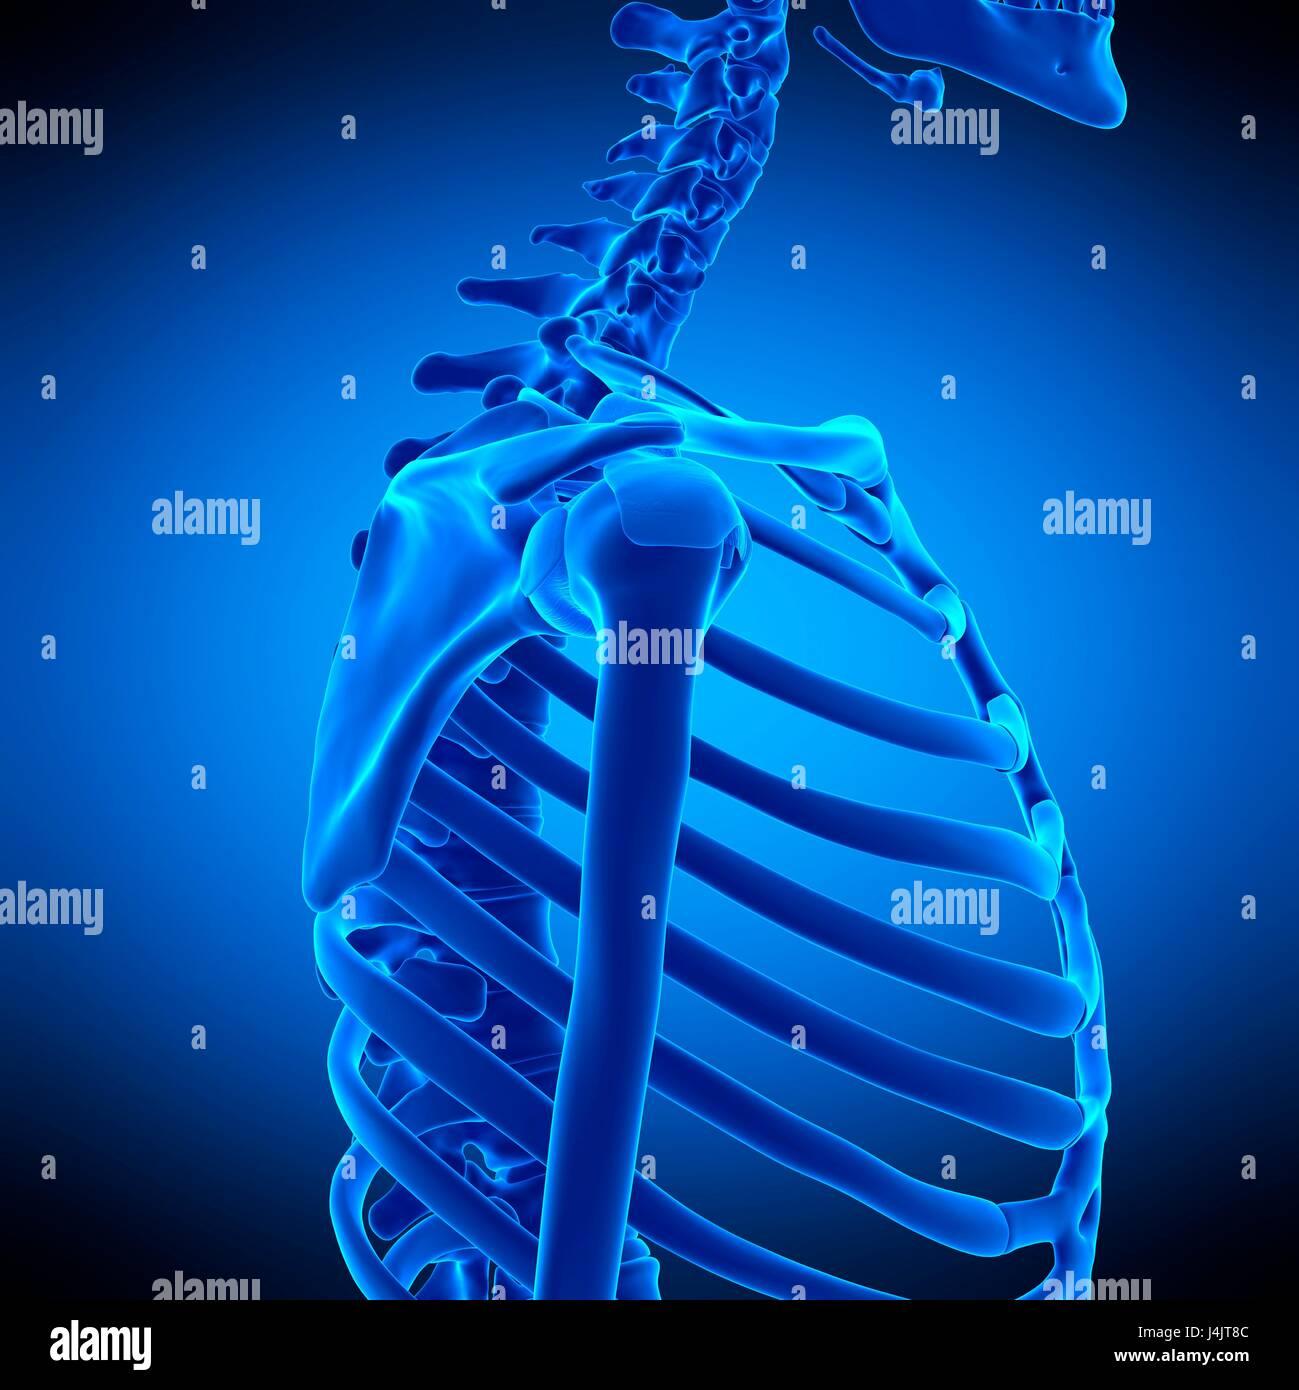 Shoulder Ligament Stockfotos & Shoulder Ligament Bilder - Alamy